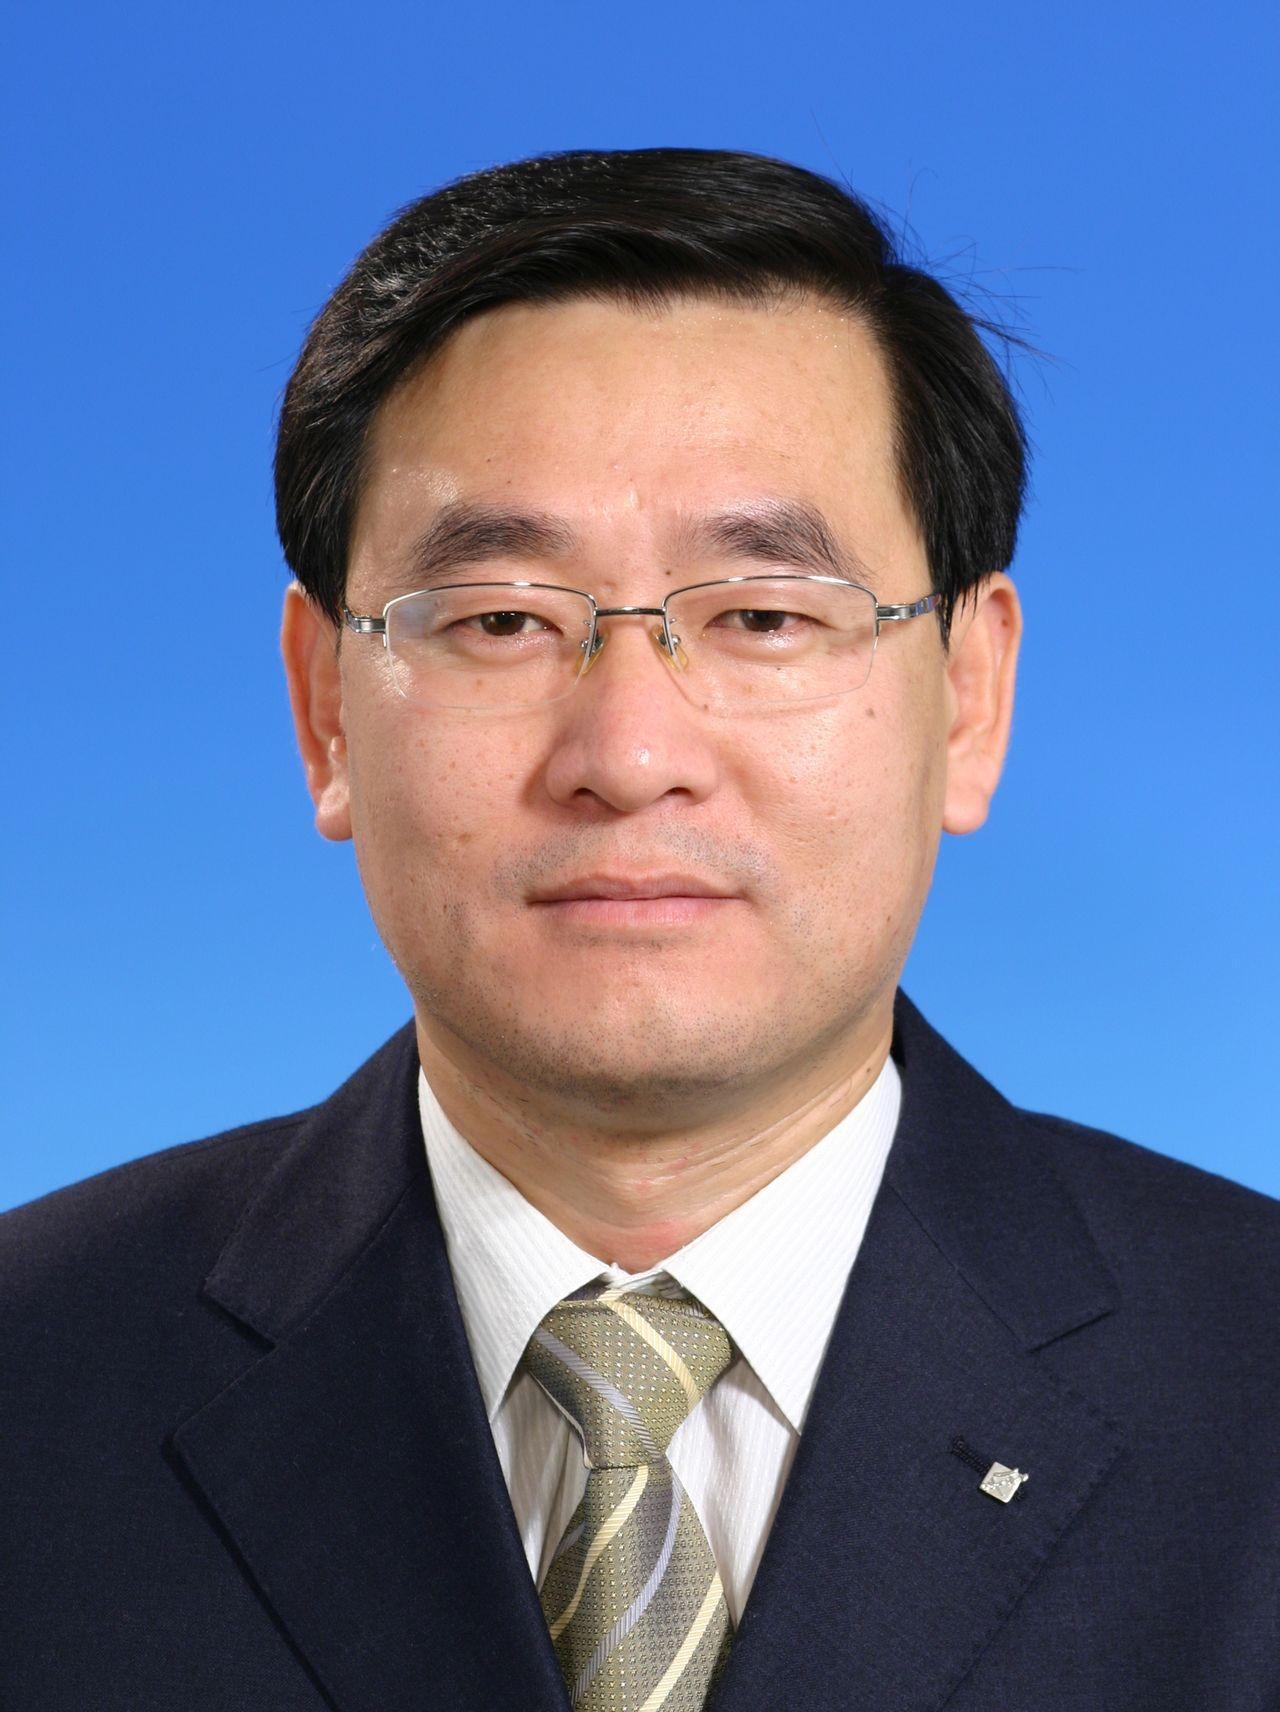 中国医学科学院肿瘤医院胰胃外科主任医师 田艳涛